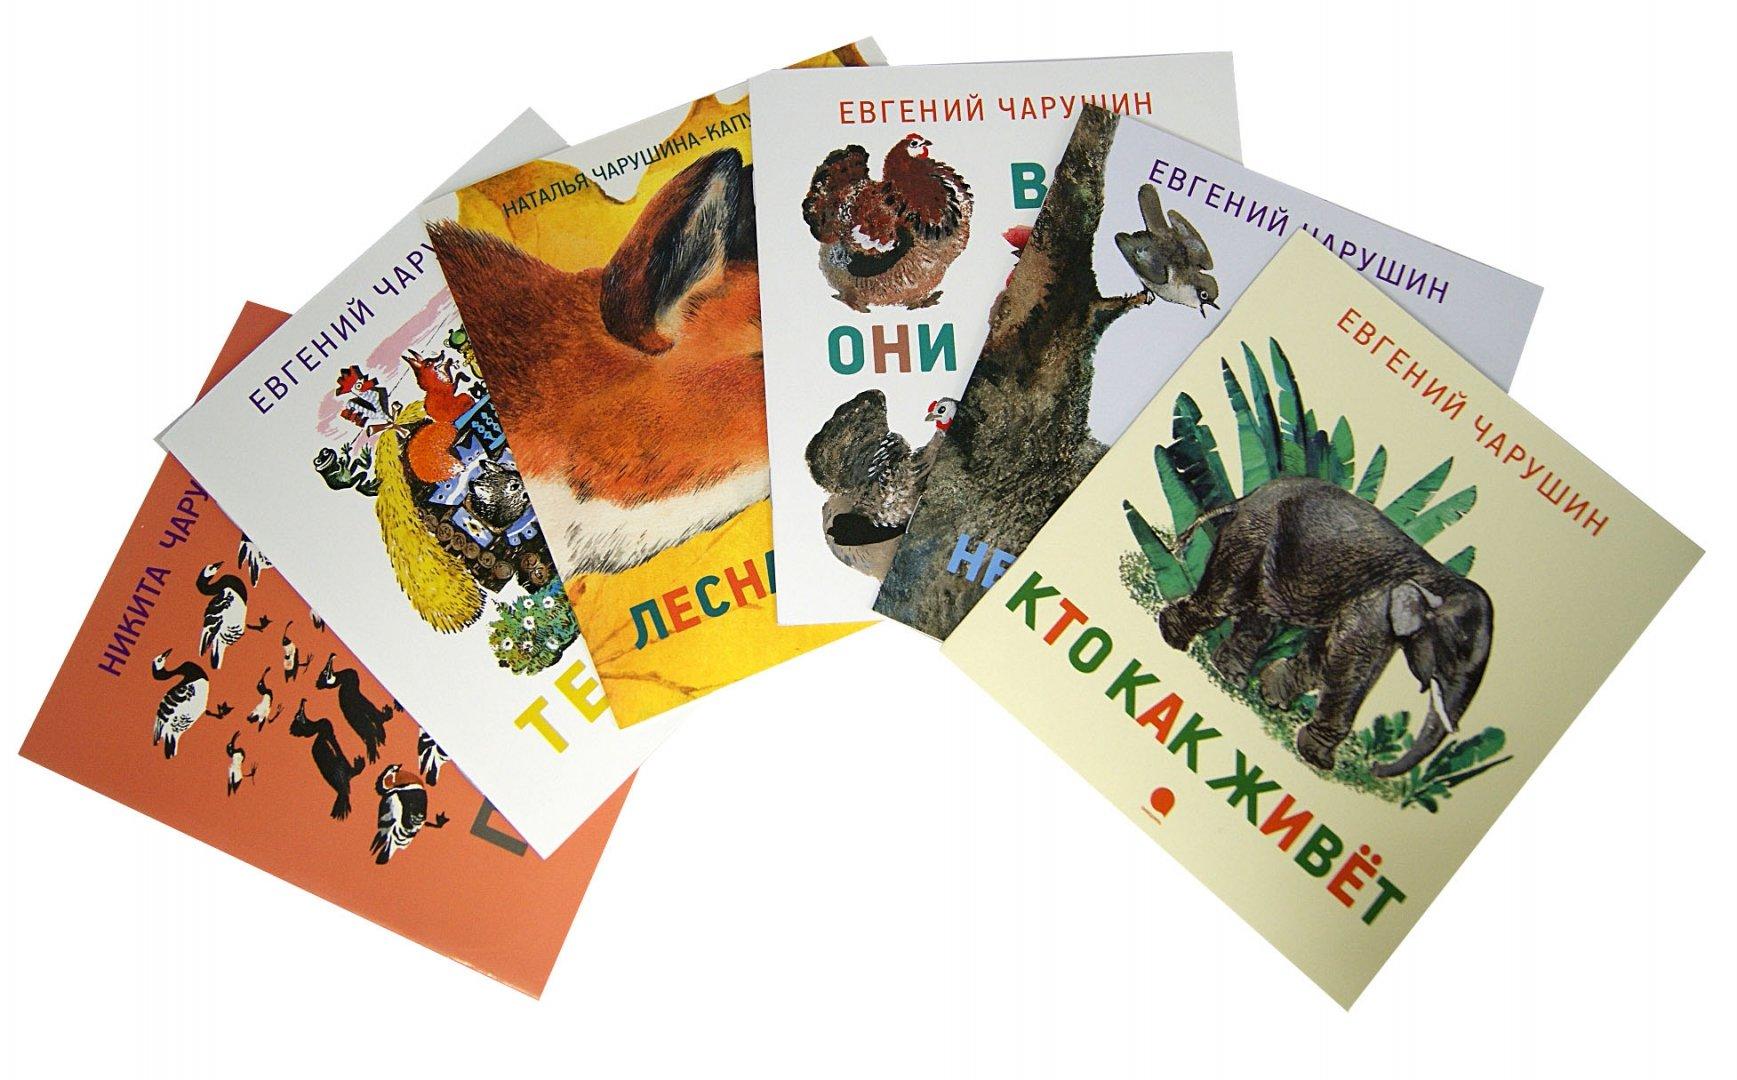 Иллюстрация 2 из 15 для Чарушинские зверята.  Комплект из 6 брошюр - Чарушин, Чарушина-Капустина | Лабиринт - книги. Источник: Лабиринт